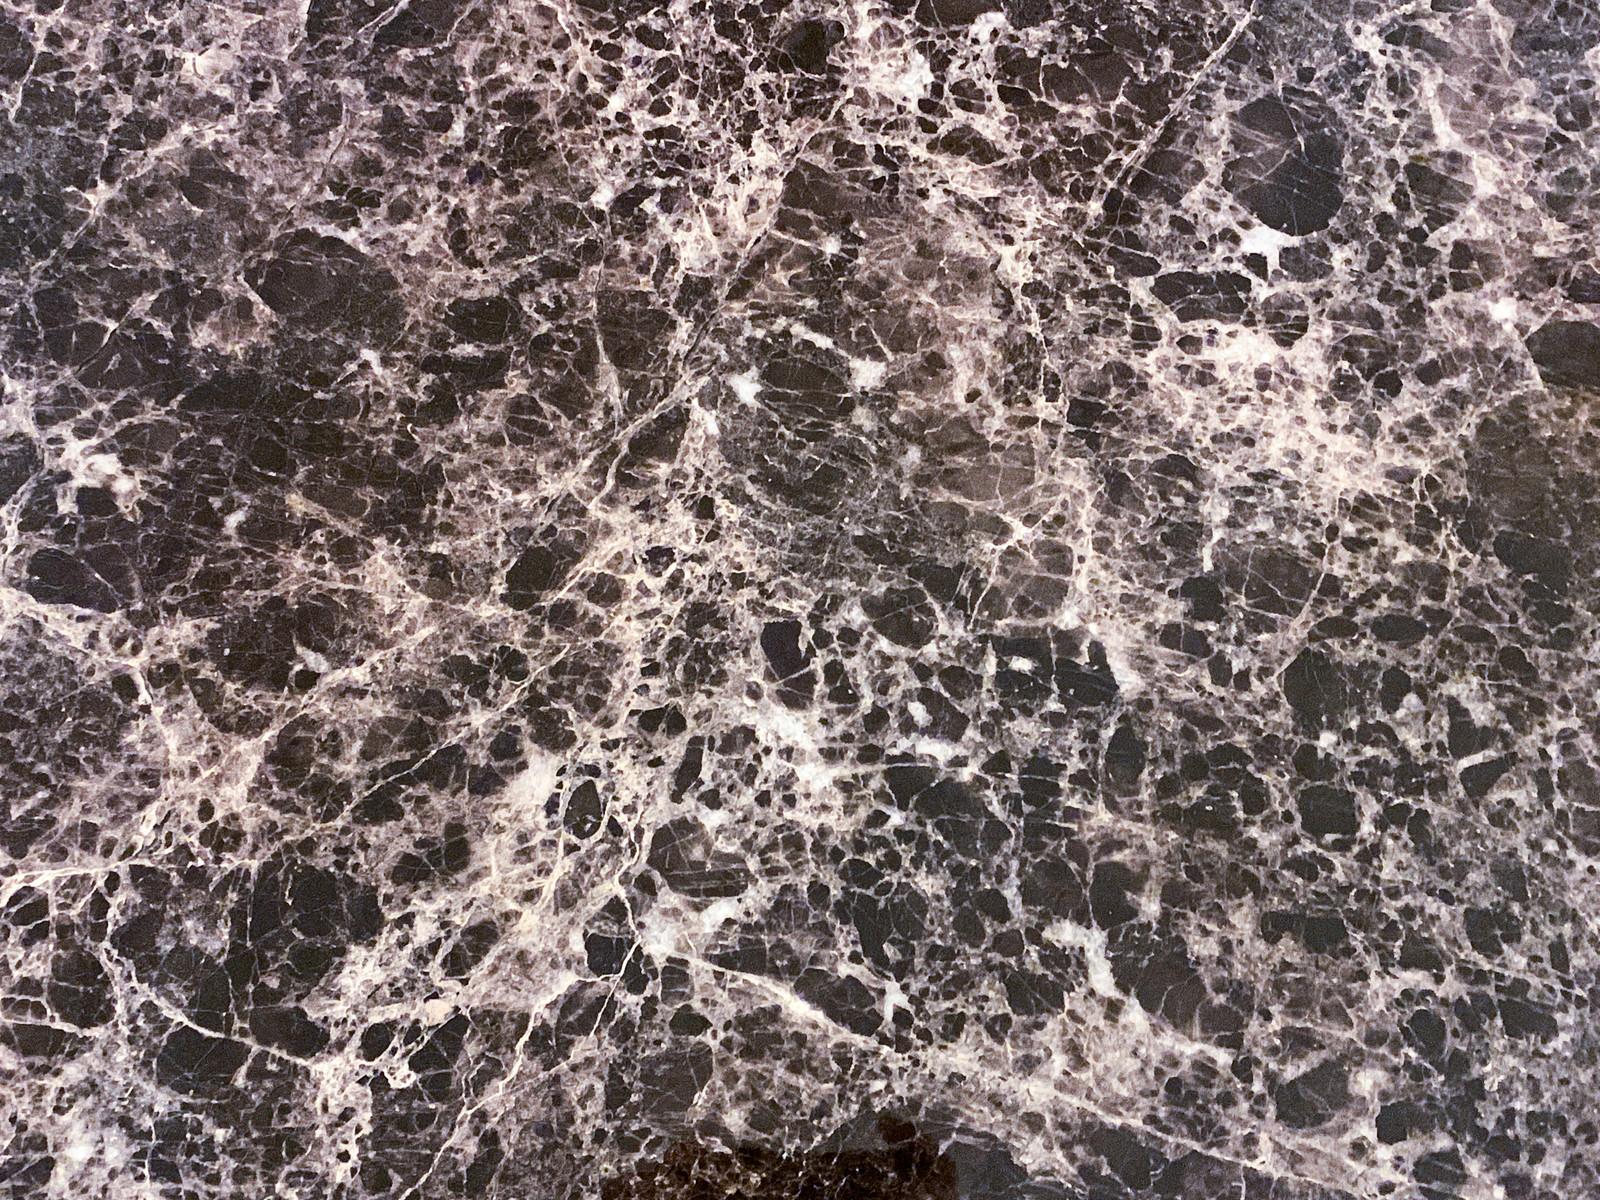 「細かいひび割れ模様の大理石調の壁(テクスチャ)」の写真